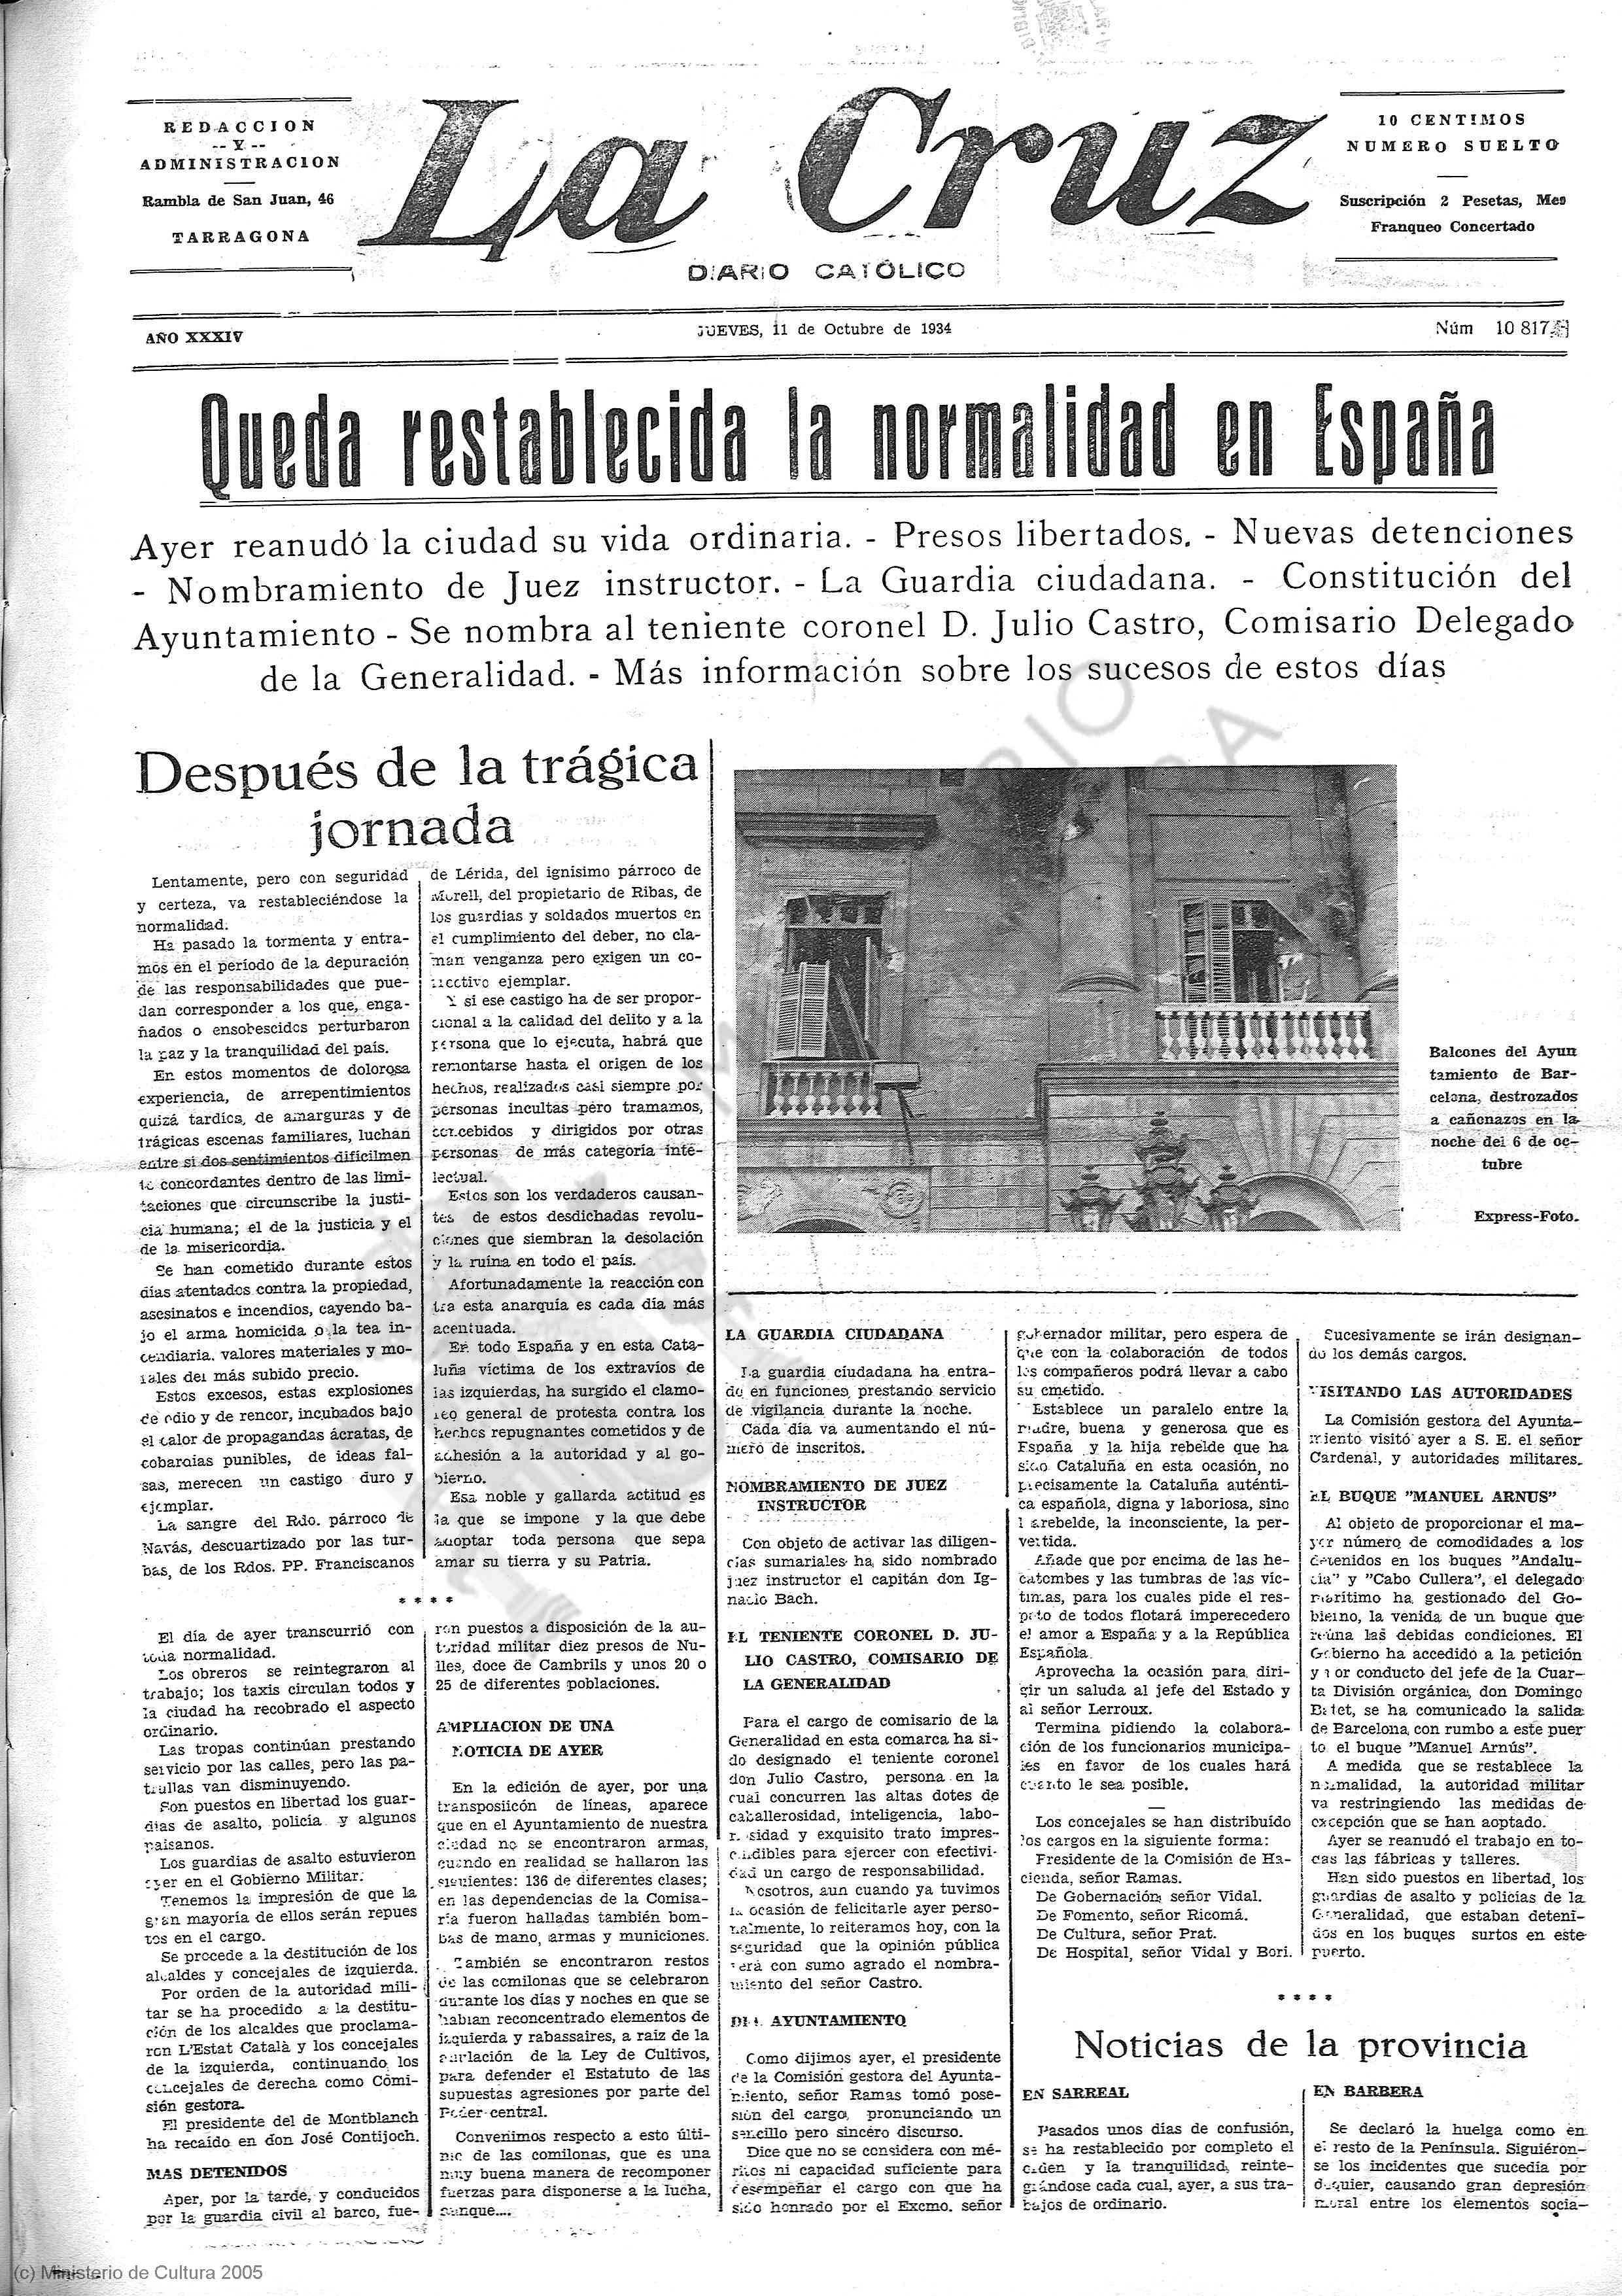 La Cruz, 11 de octubre de 1934, p. 1.